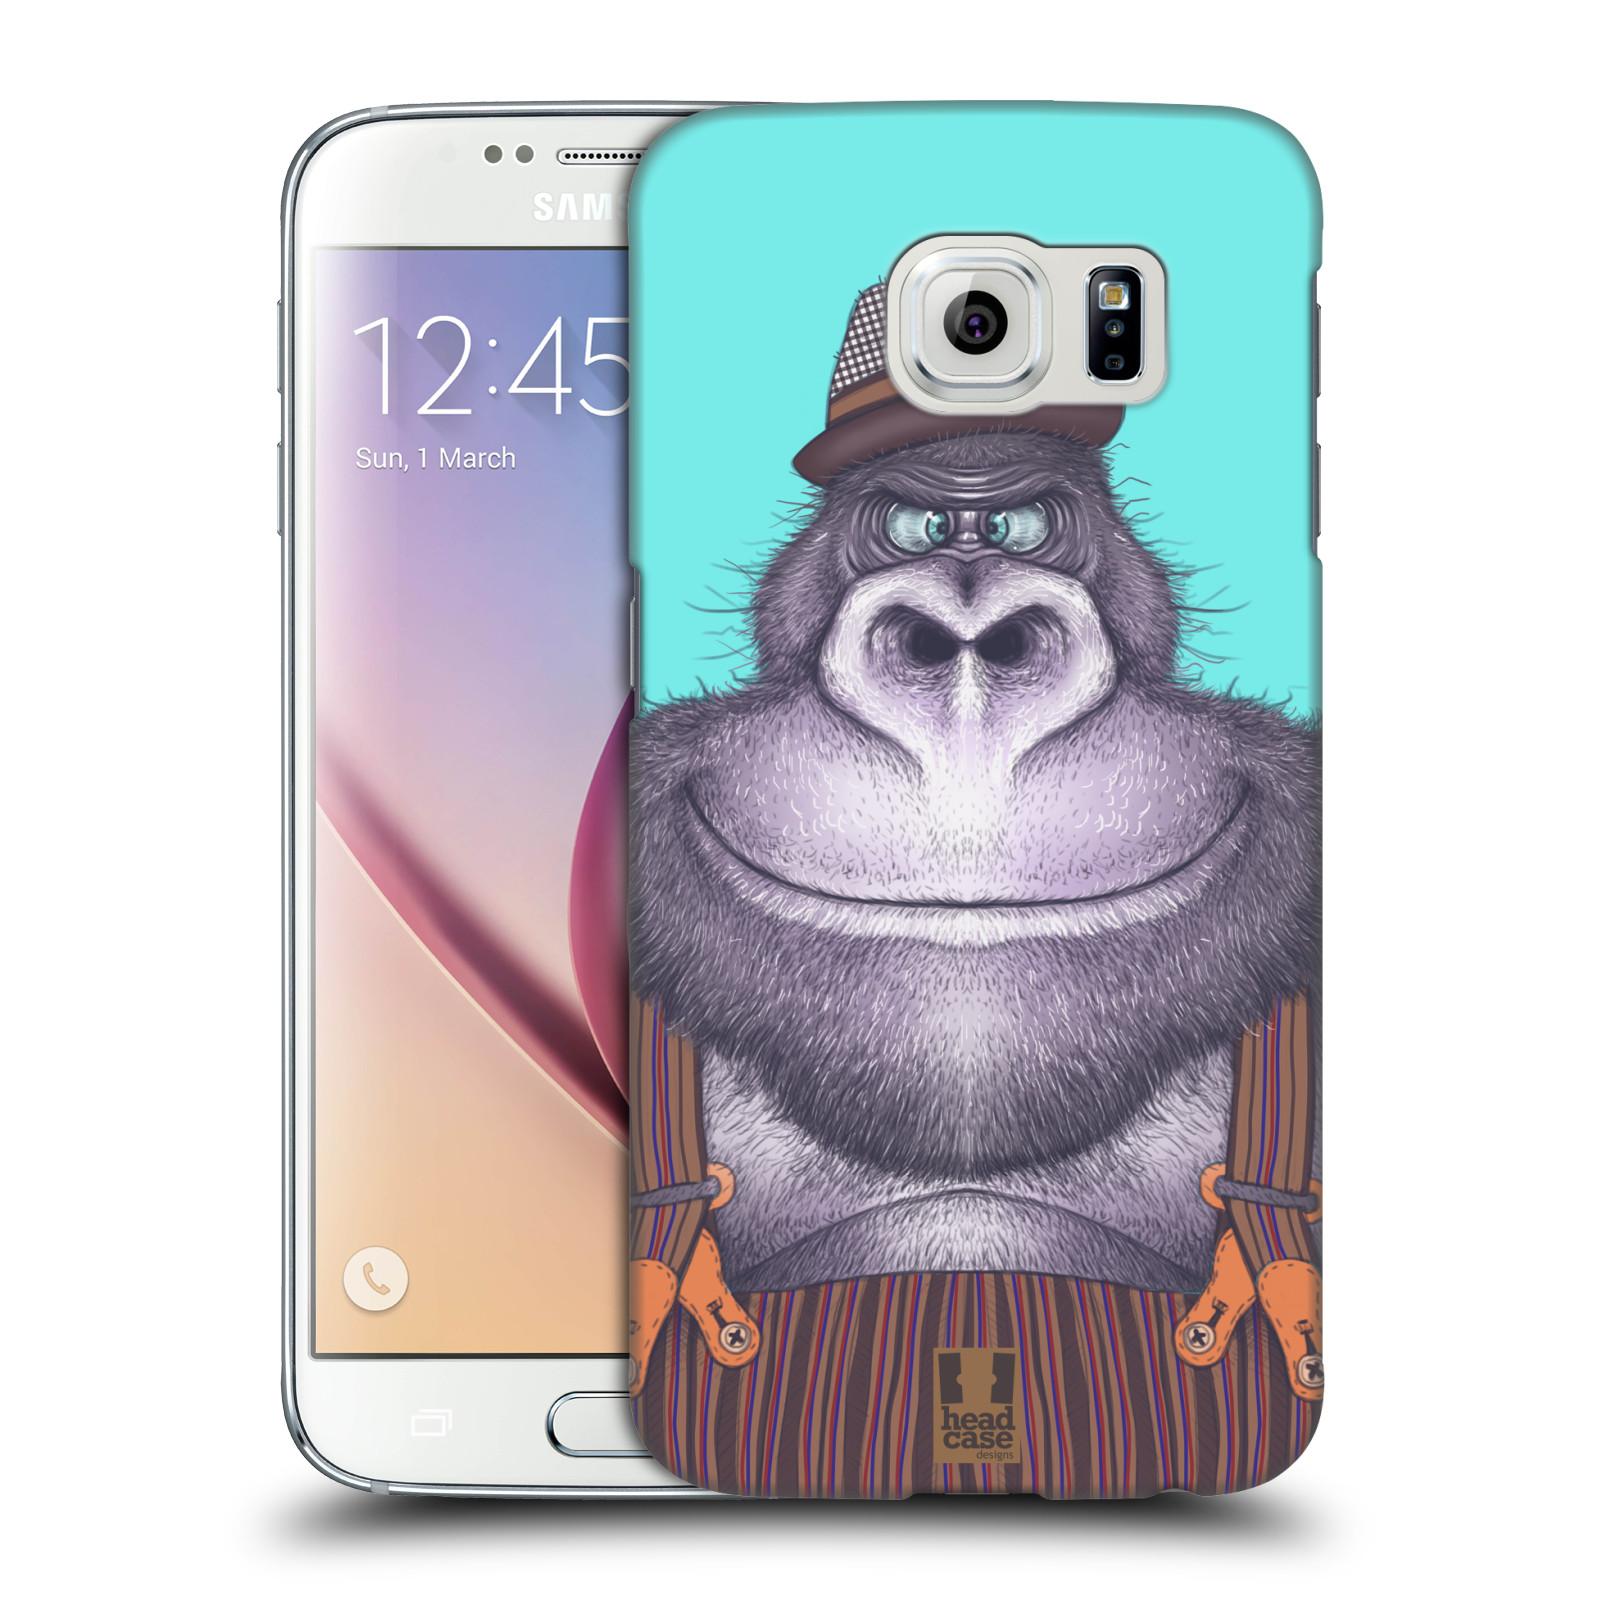 HEAD CASE plastový obal na mobil SAMSUNG Galaxy S6 (G9200, G920F) vzor Kreslená zvířátka gorila